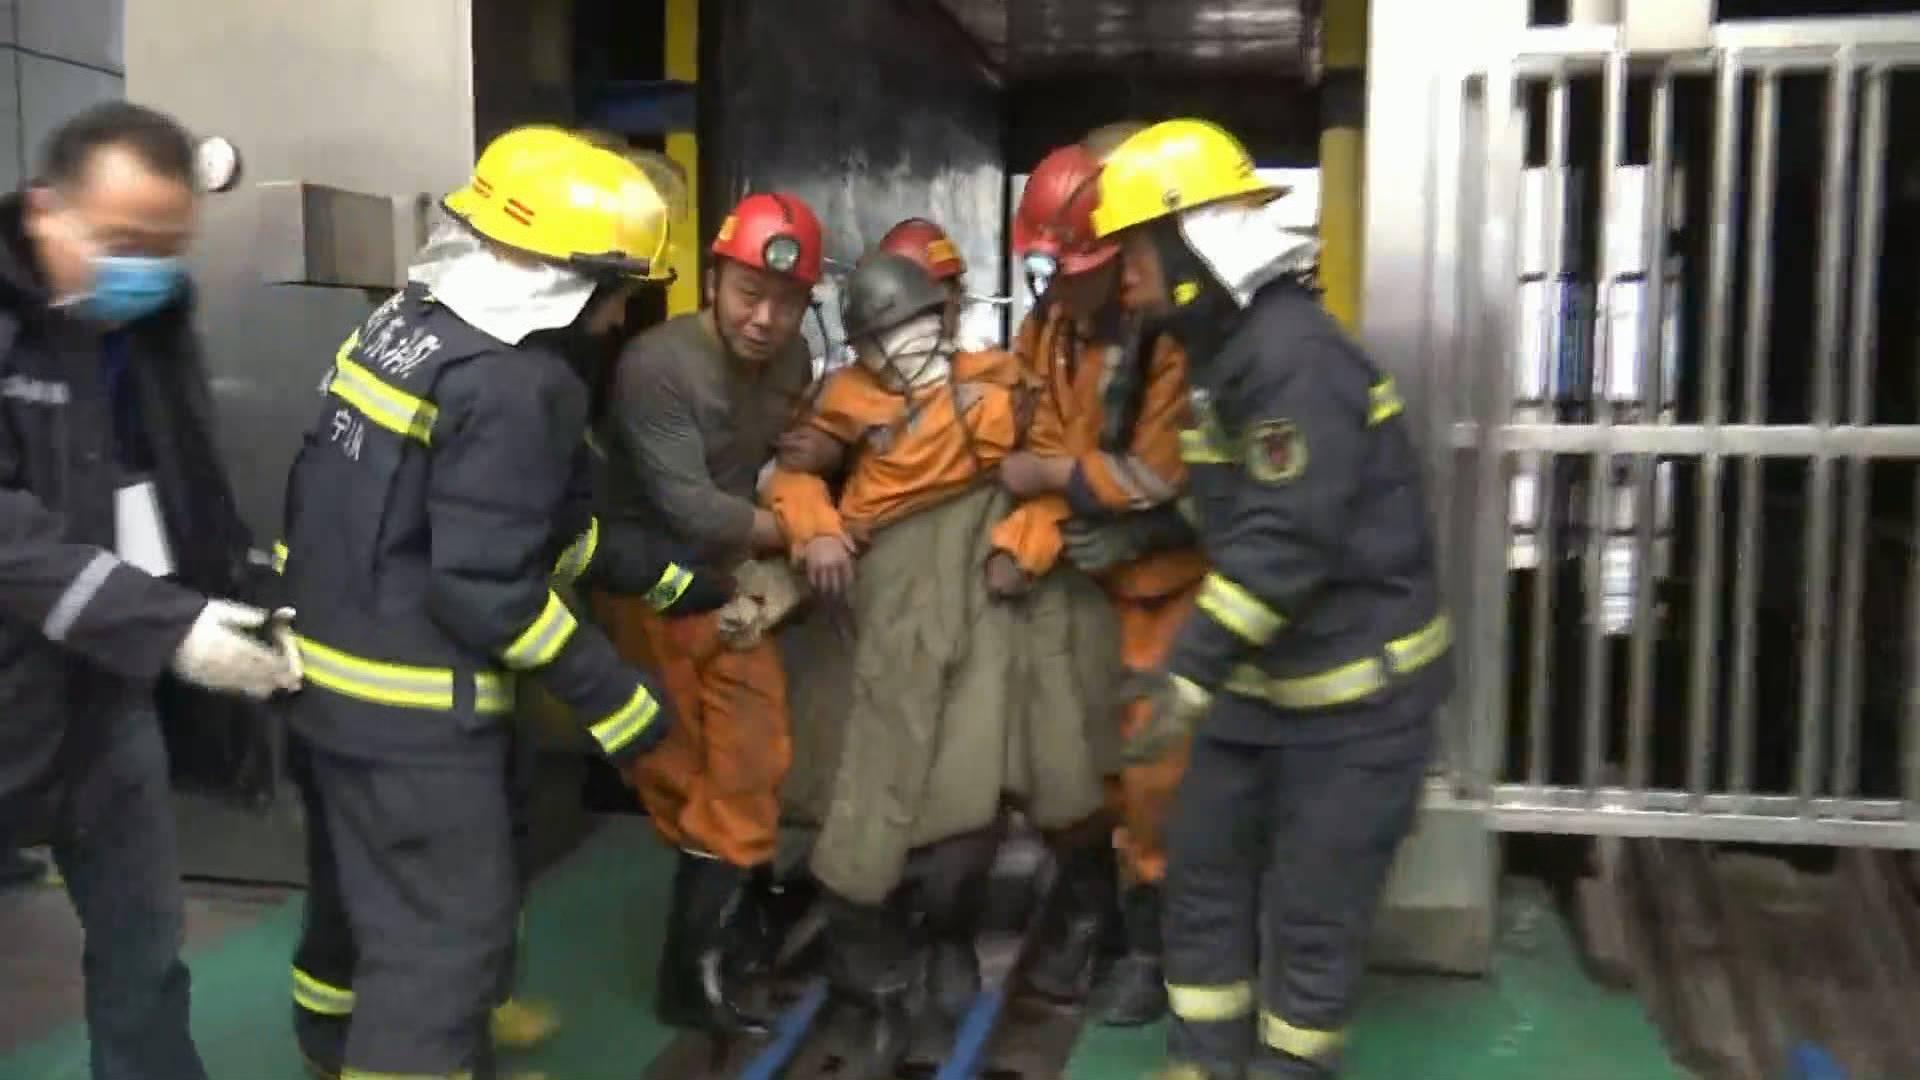 记者亲历山东梁宝寺煤矿火灾事故救援现场 11名获救矿工身体均无大碍